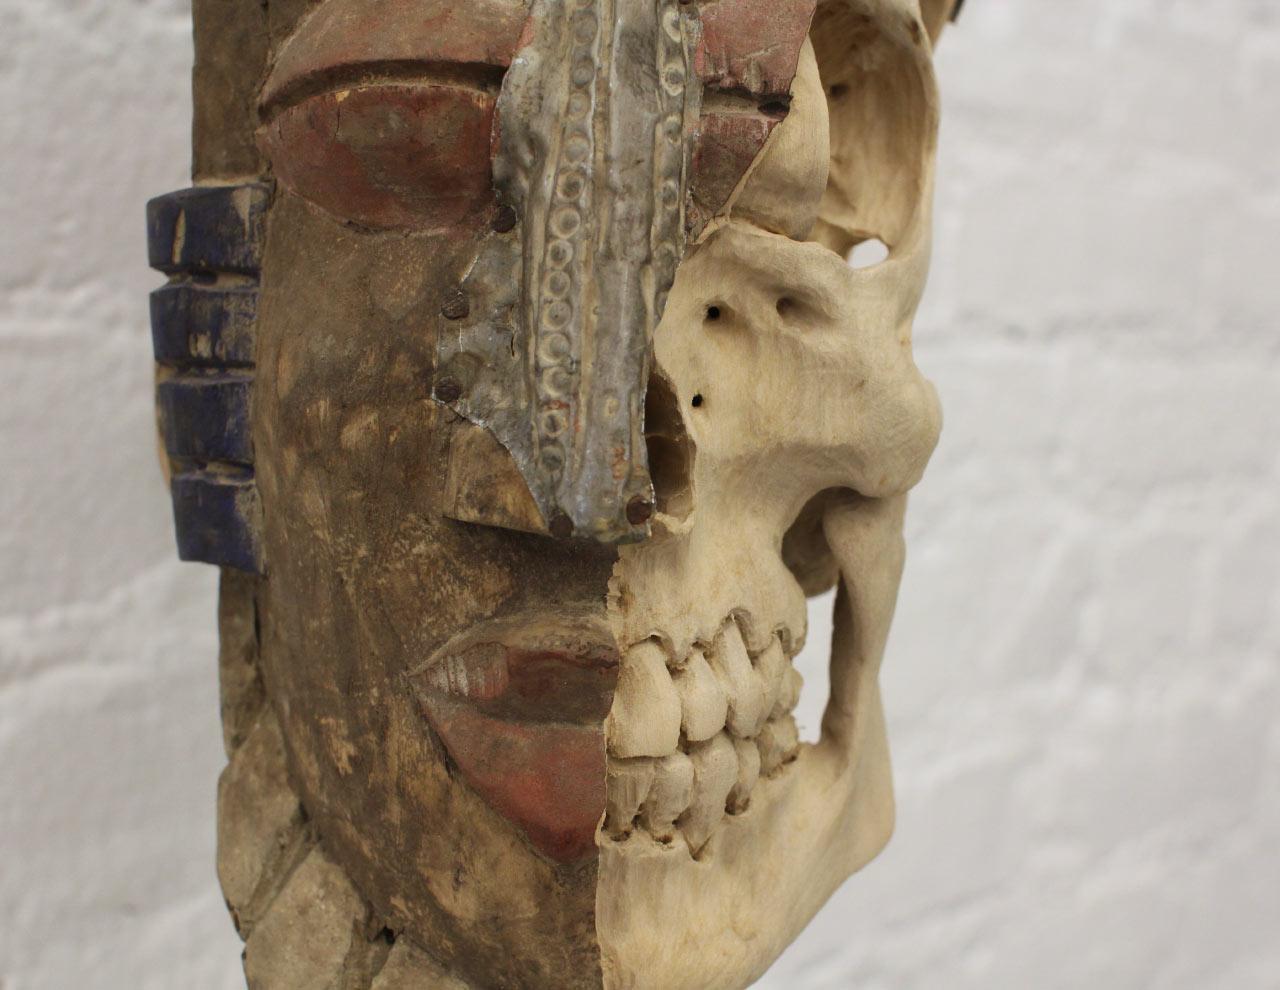 Shaman Anatomy (detail)